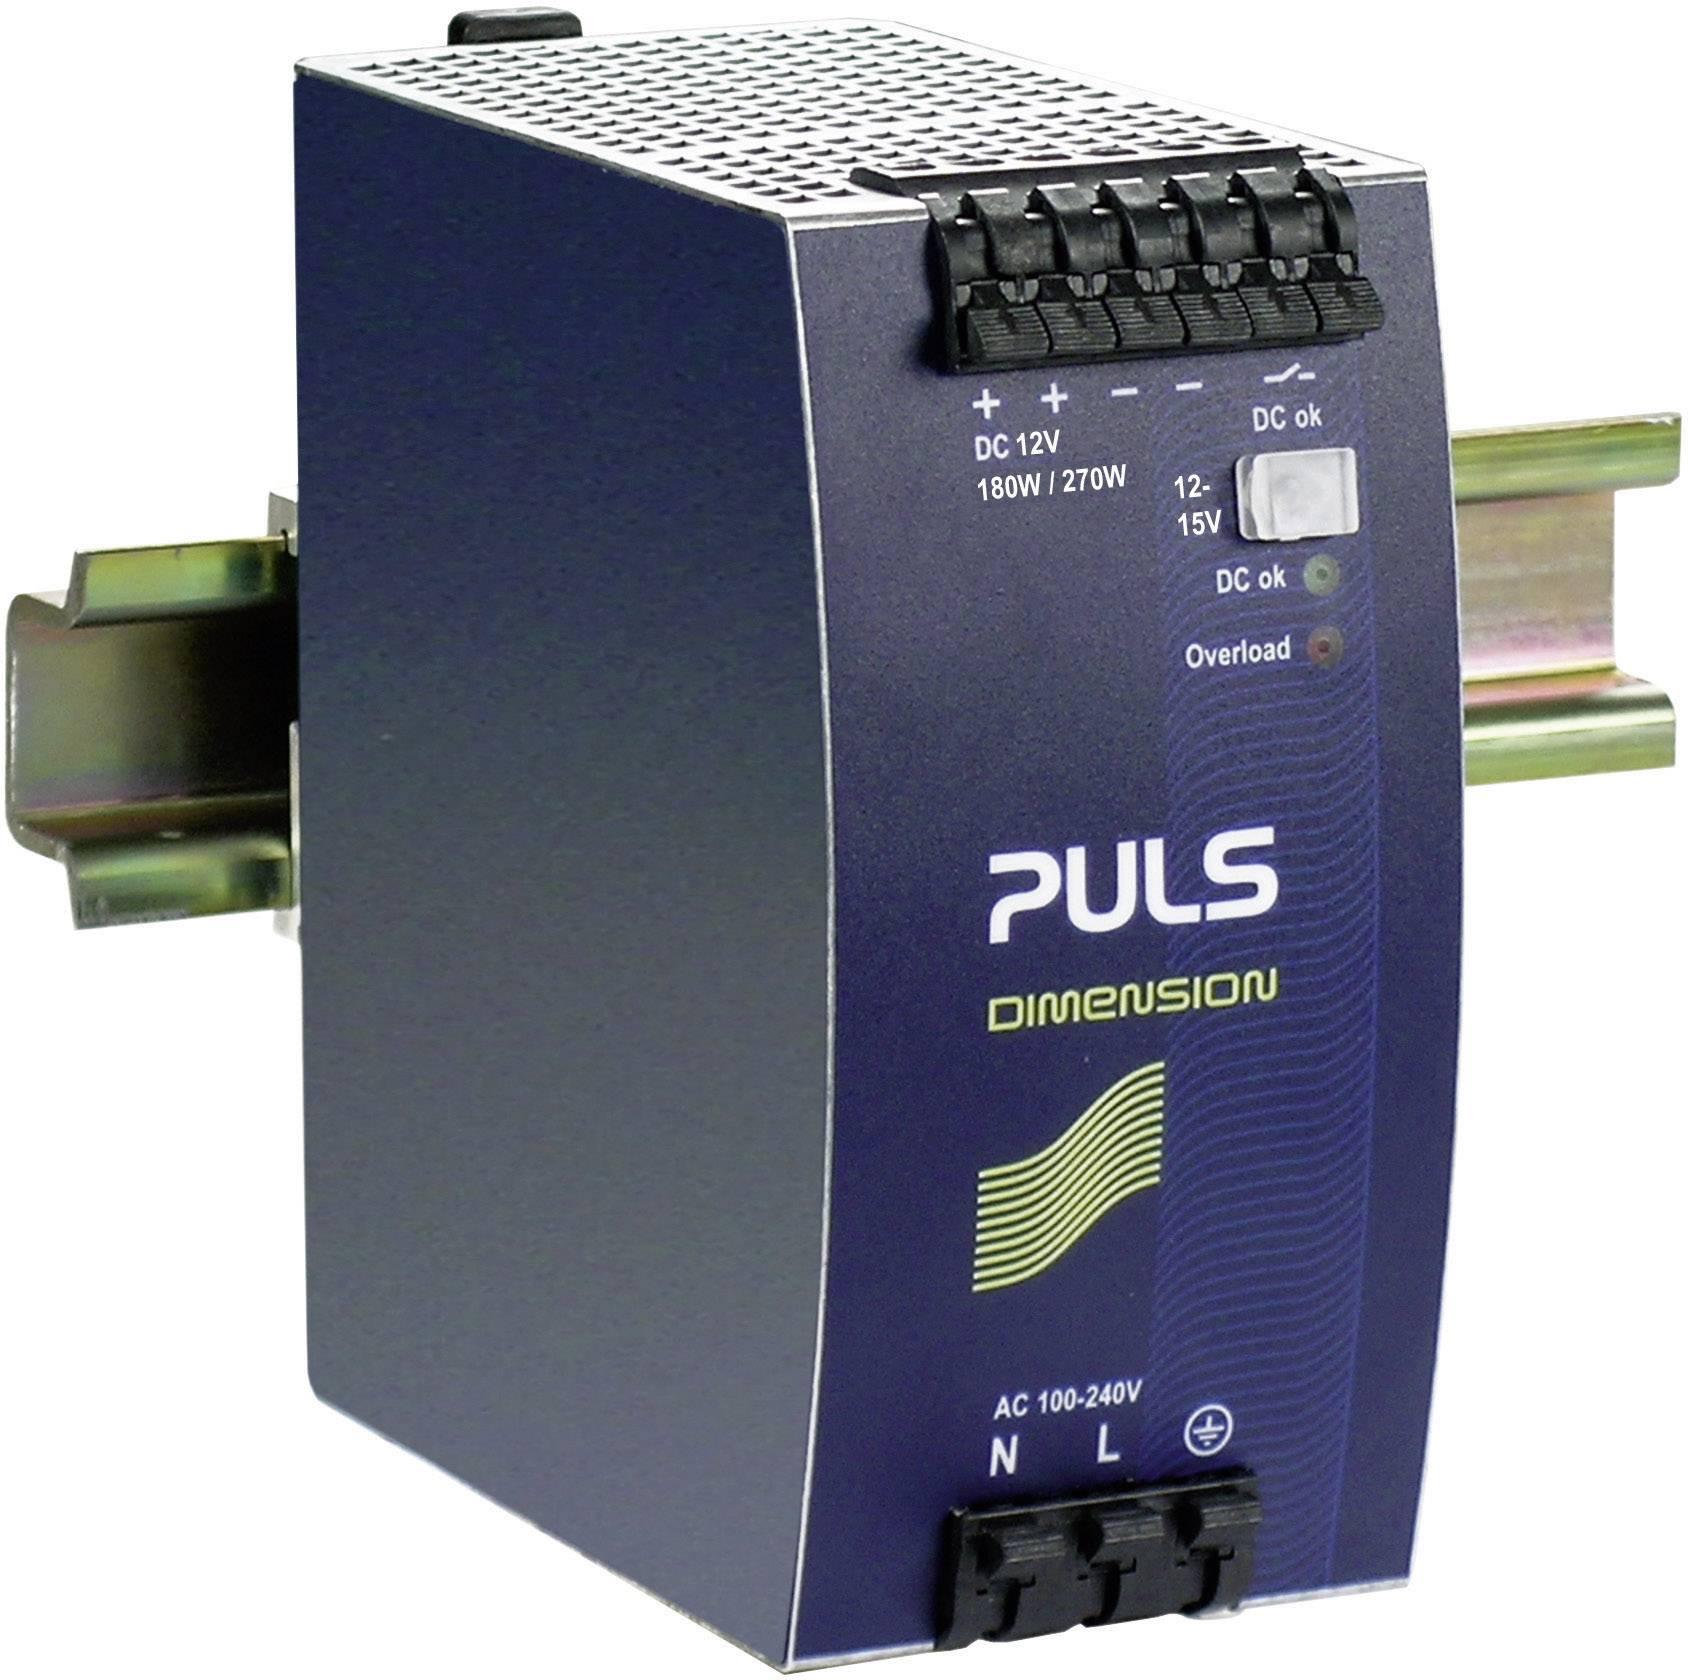 Sieťový zdroj na montážnu lištu (DIN lištu) PULS DIMENSION QS10.121, 1 x, 12 V/DC, 15 A, 180 W